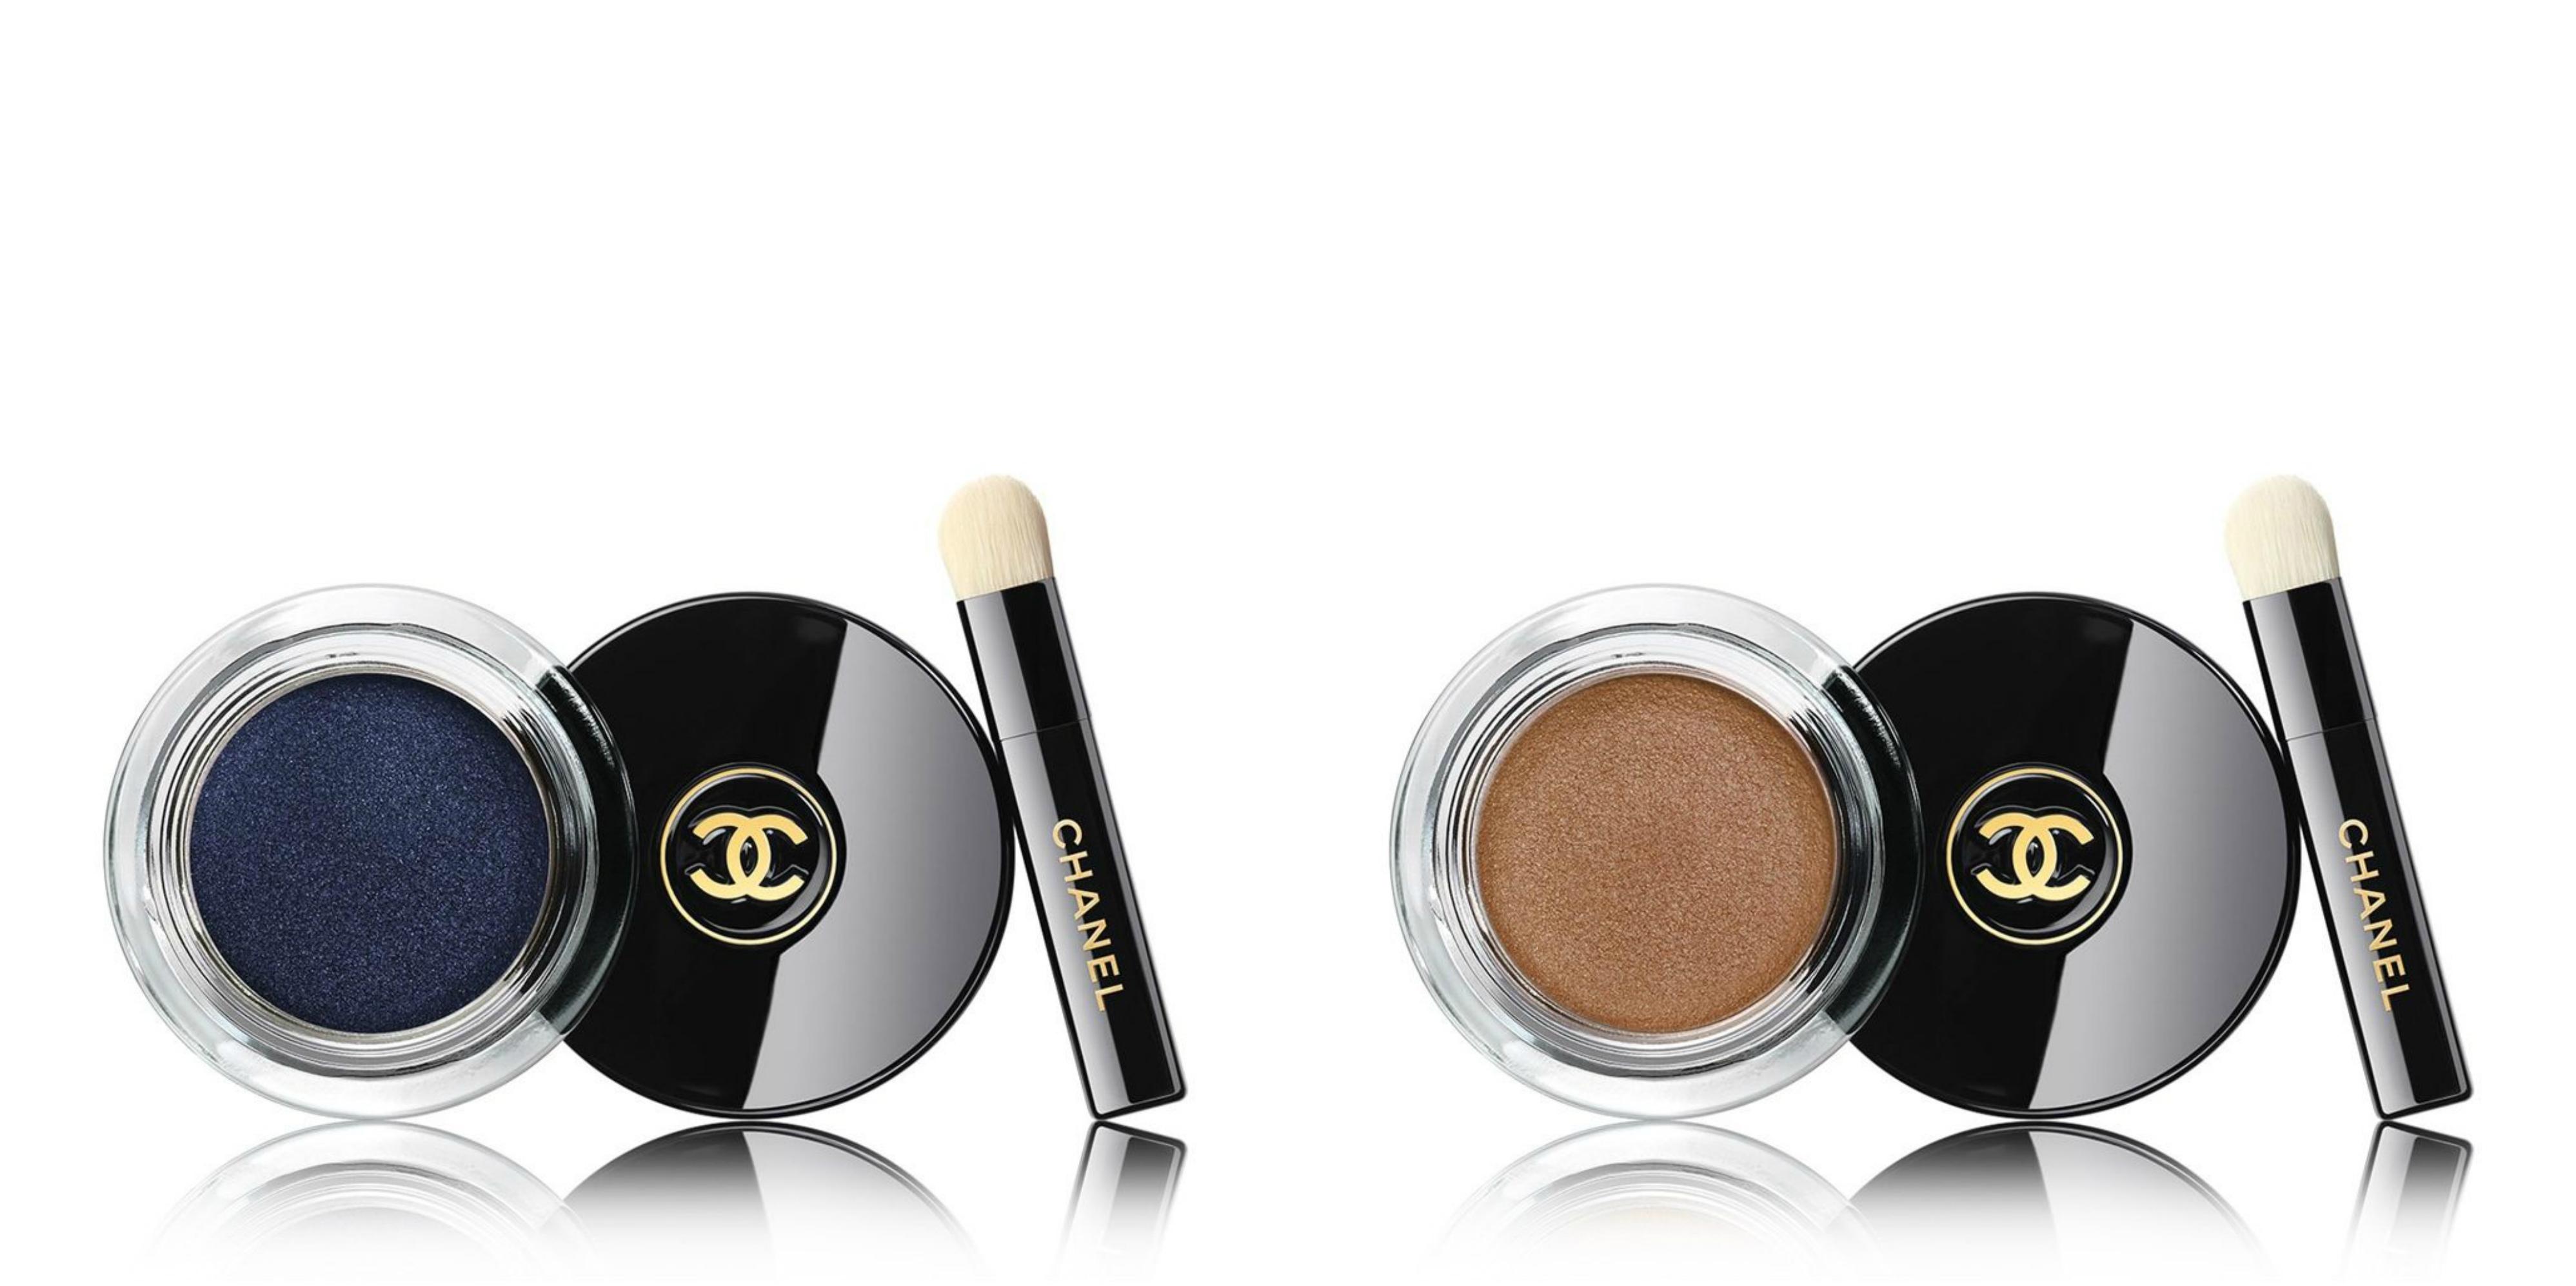 Beauty Shooting: Los colores de un viaje en la piel, cortesía de Chanel - image chanel_vanidad_4 on https://www.vanidad.es